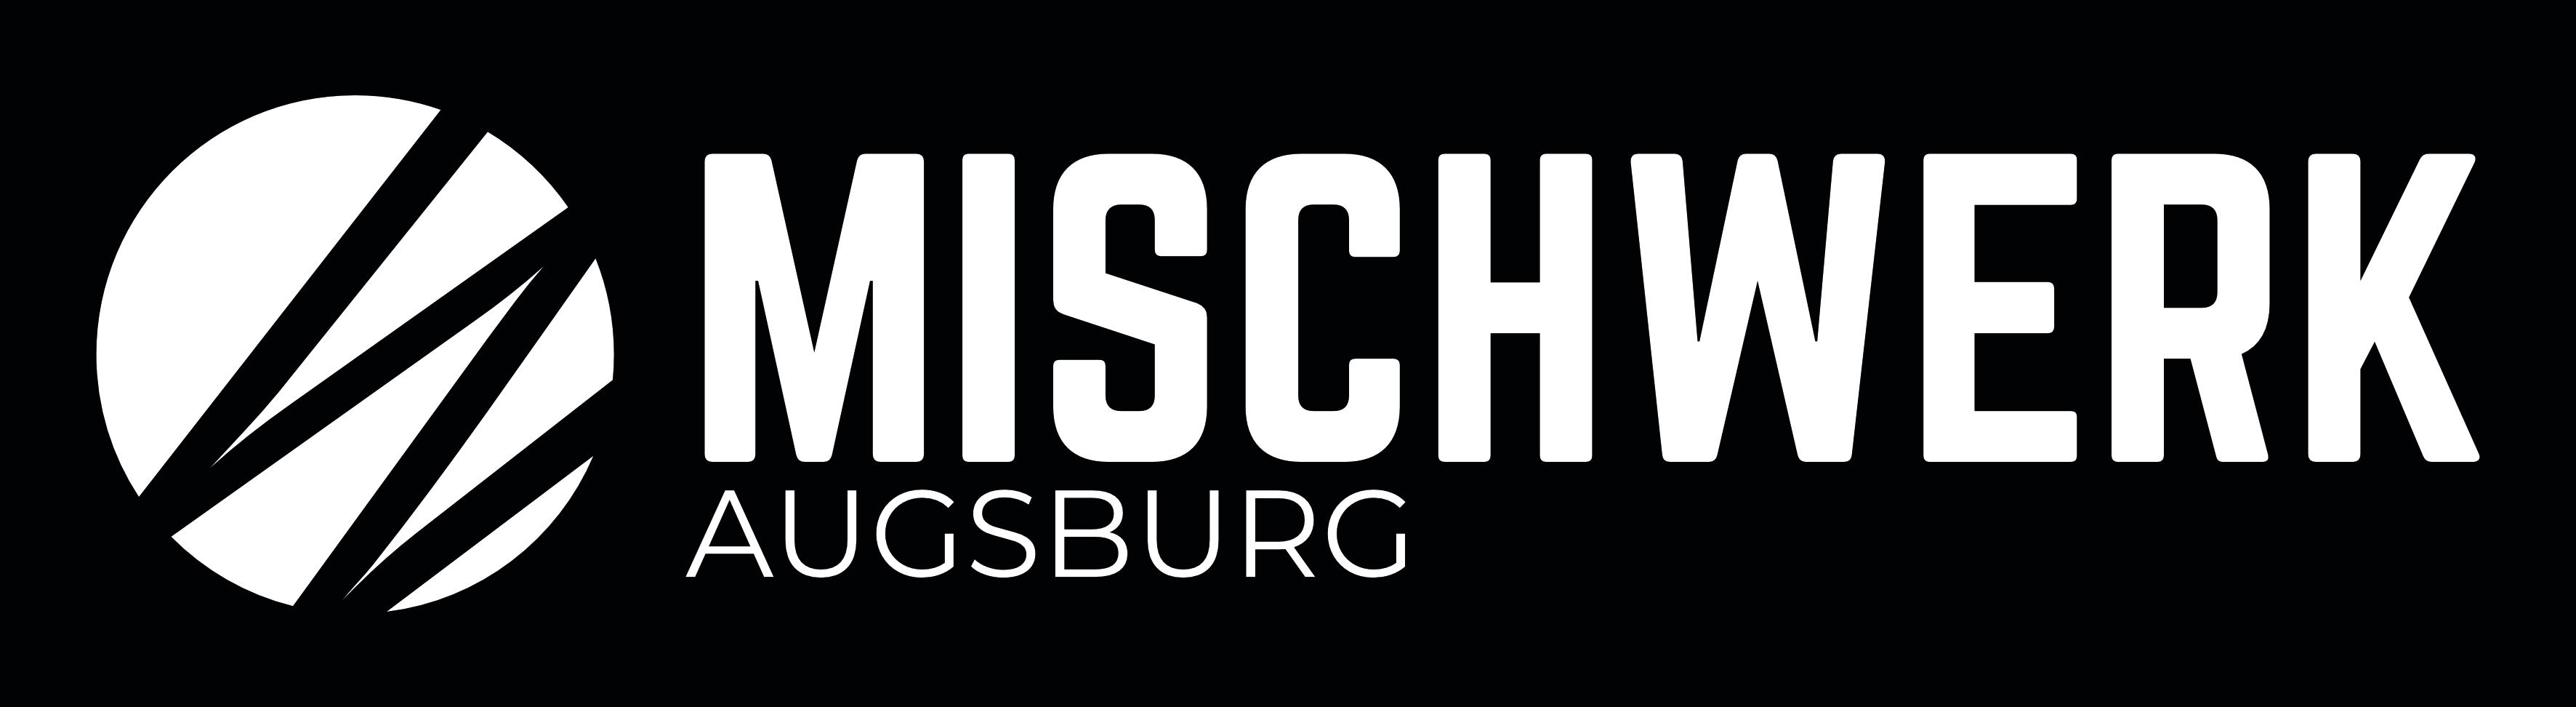 Mischwerk Augsburg